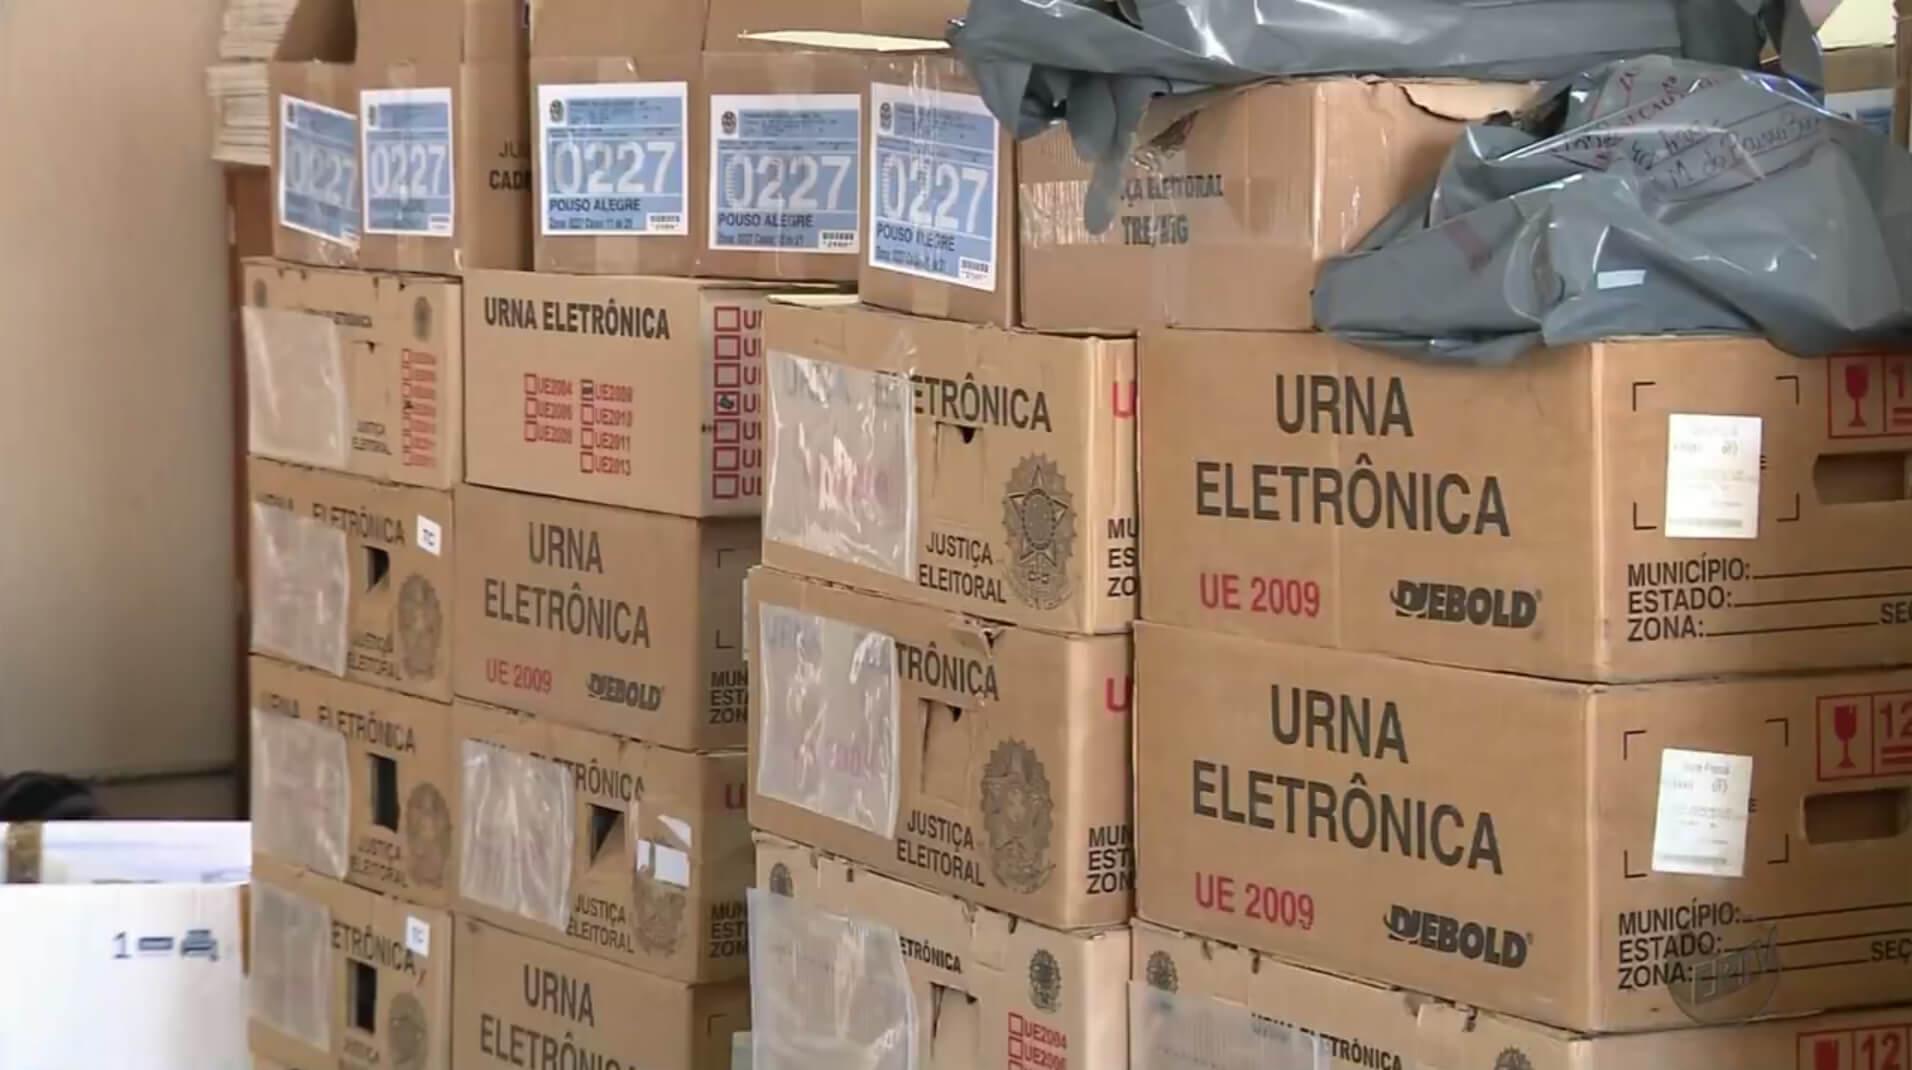 Expectativa é que urnas fossem lacradas em 26 de setembro (Foto: EPTV)